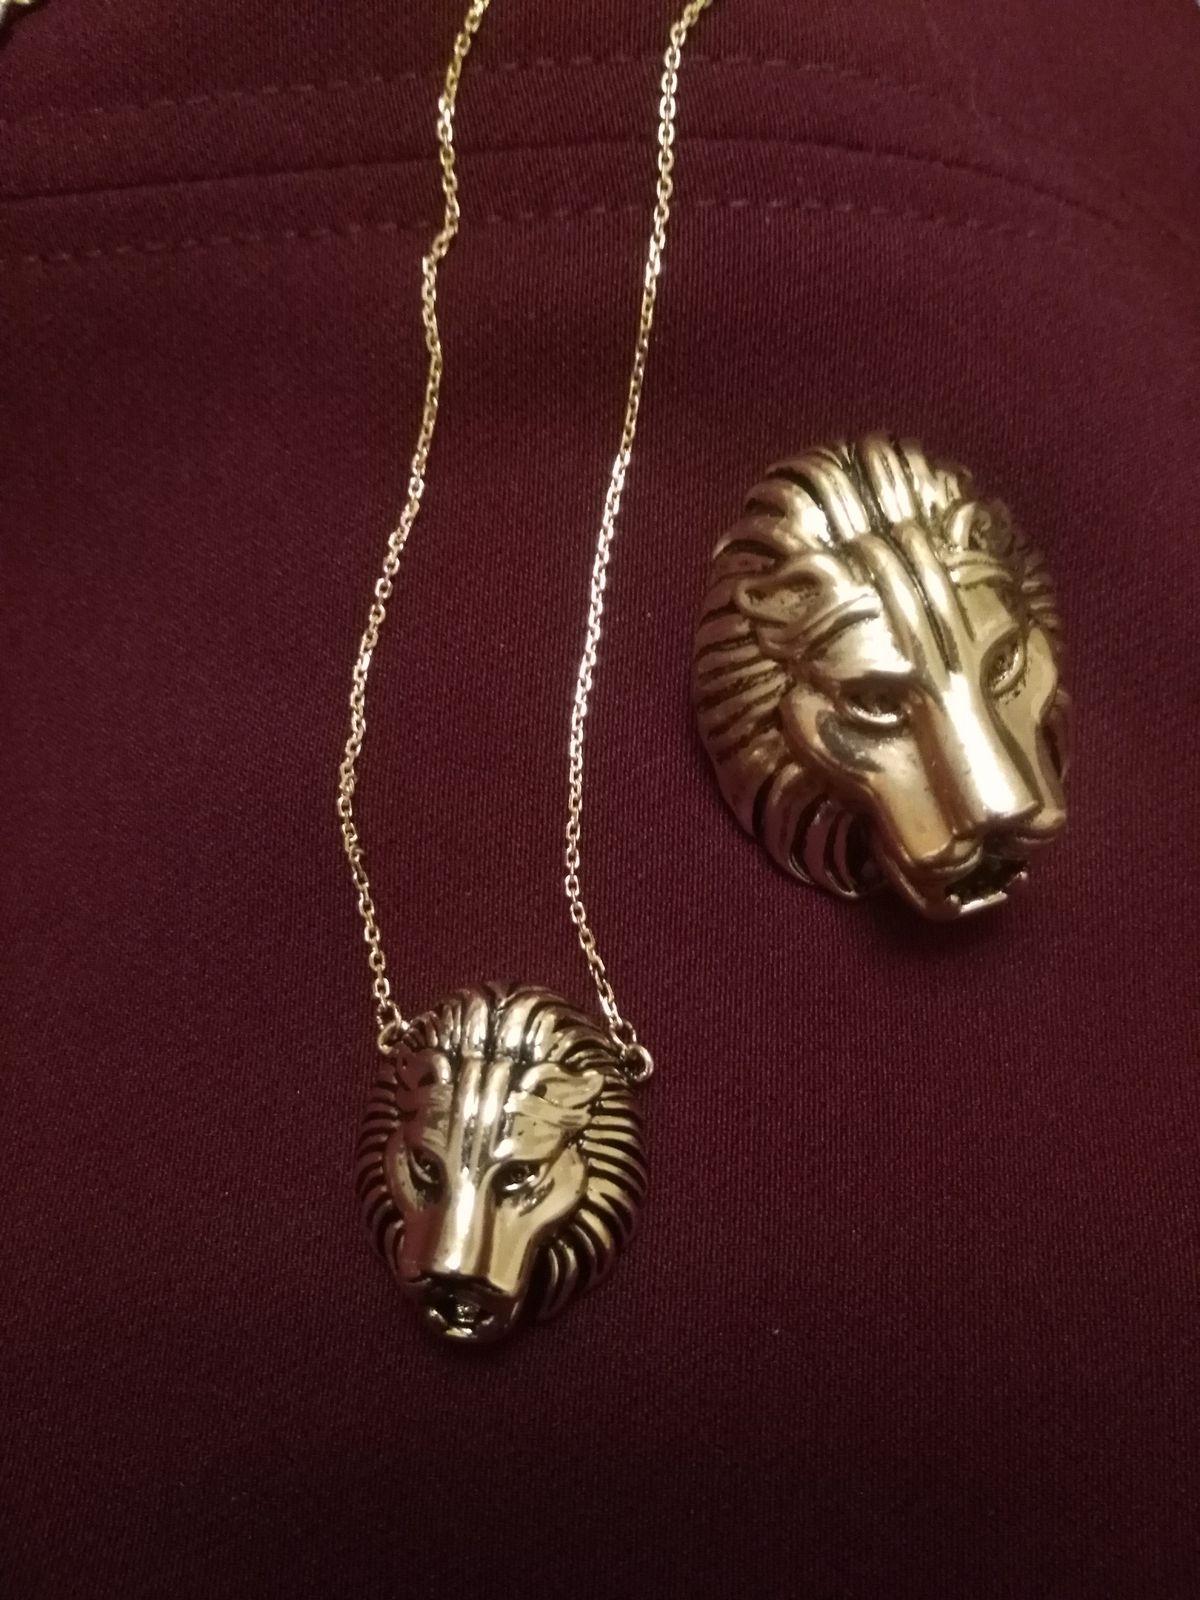 Десять из десяти.Все замечают этот изысканный дизайн.Голова льва это круто!